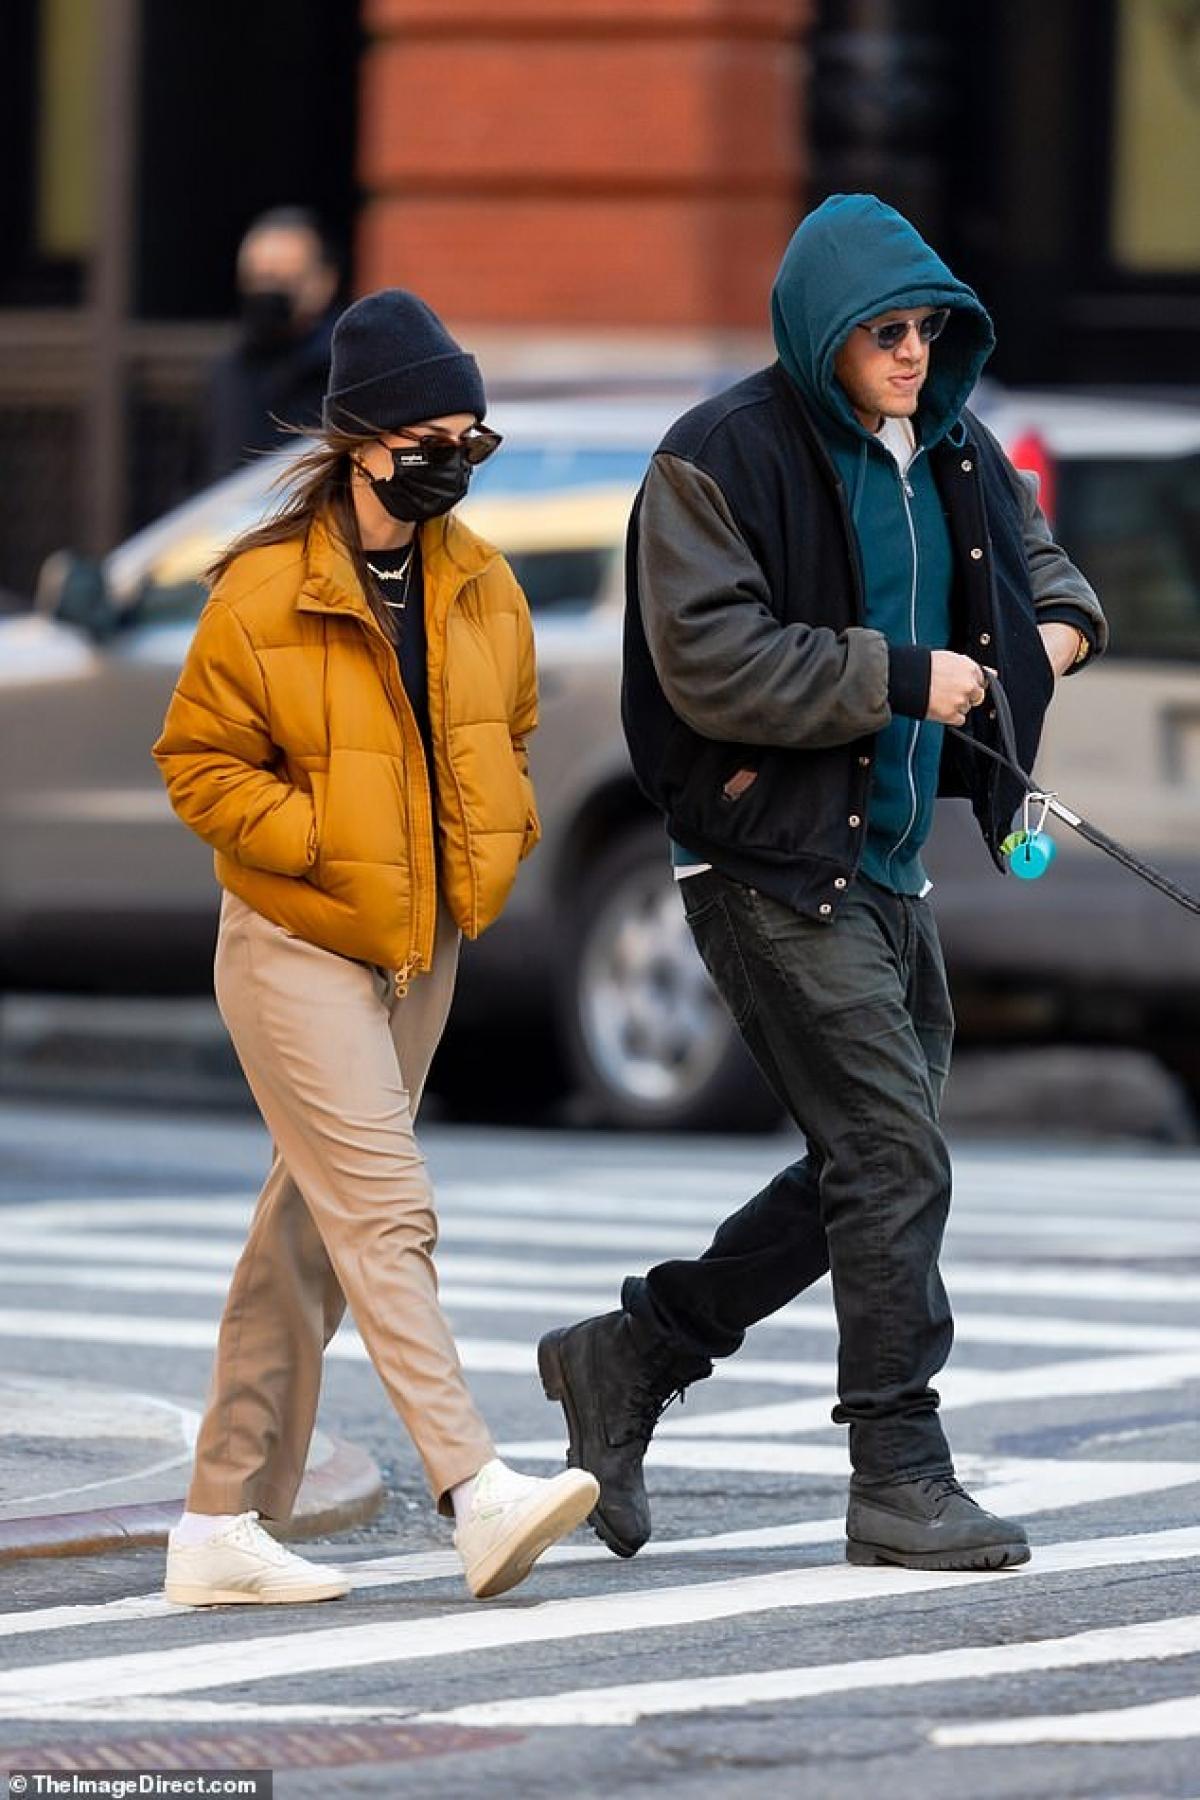 Emily kết hôn với Sebastian Bear-McClard vào năm 2018. Bear-McClard là nhà sản xuất của bộ phim Good Time, dự án có sự tham gia của Robert Pattinson.